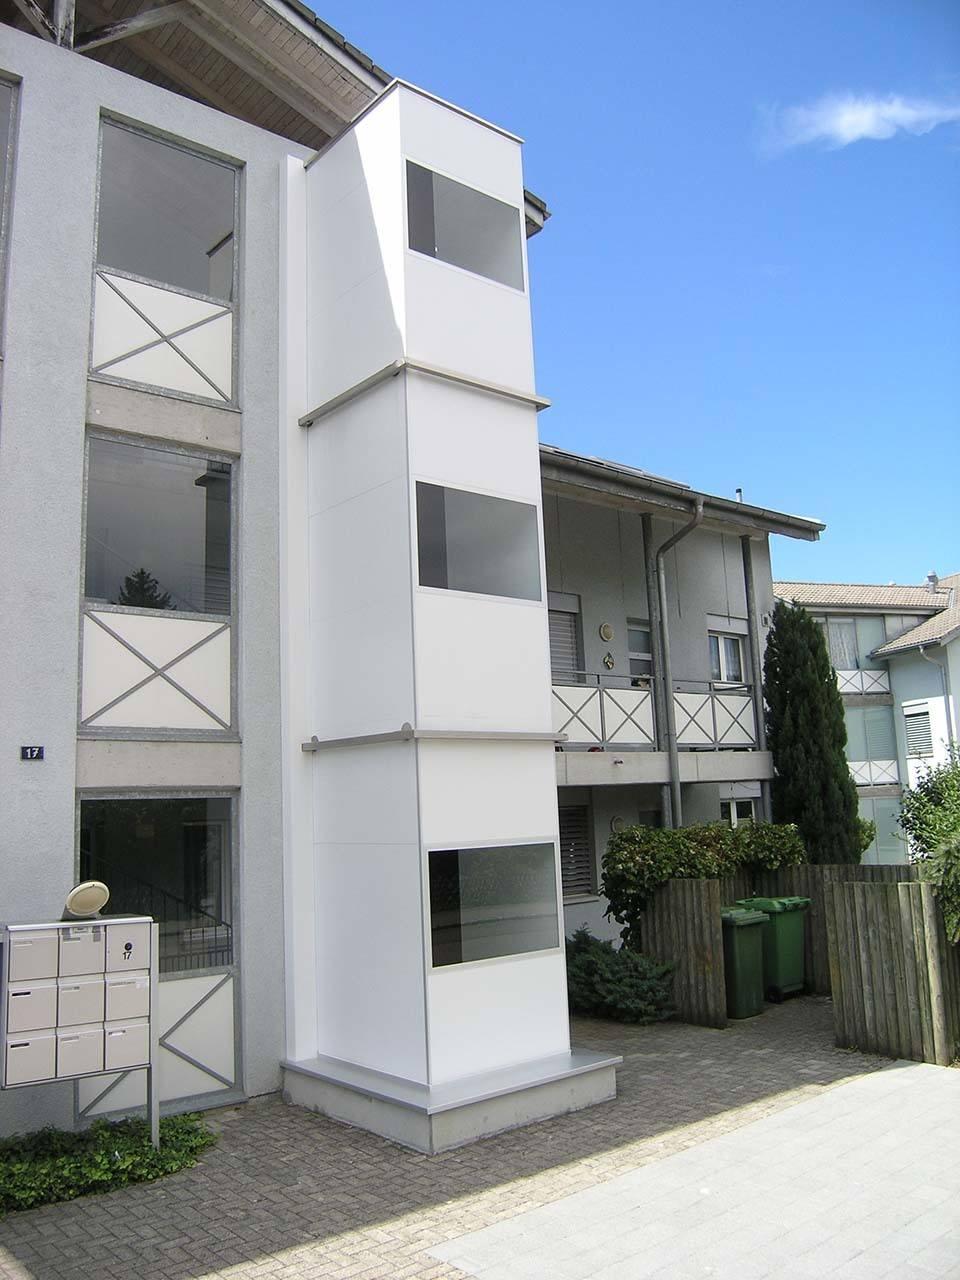 Nachräglich angebauter Lift bei Mehrfamilienhaus